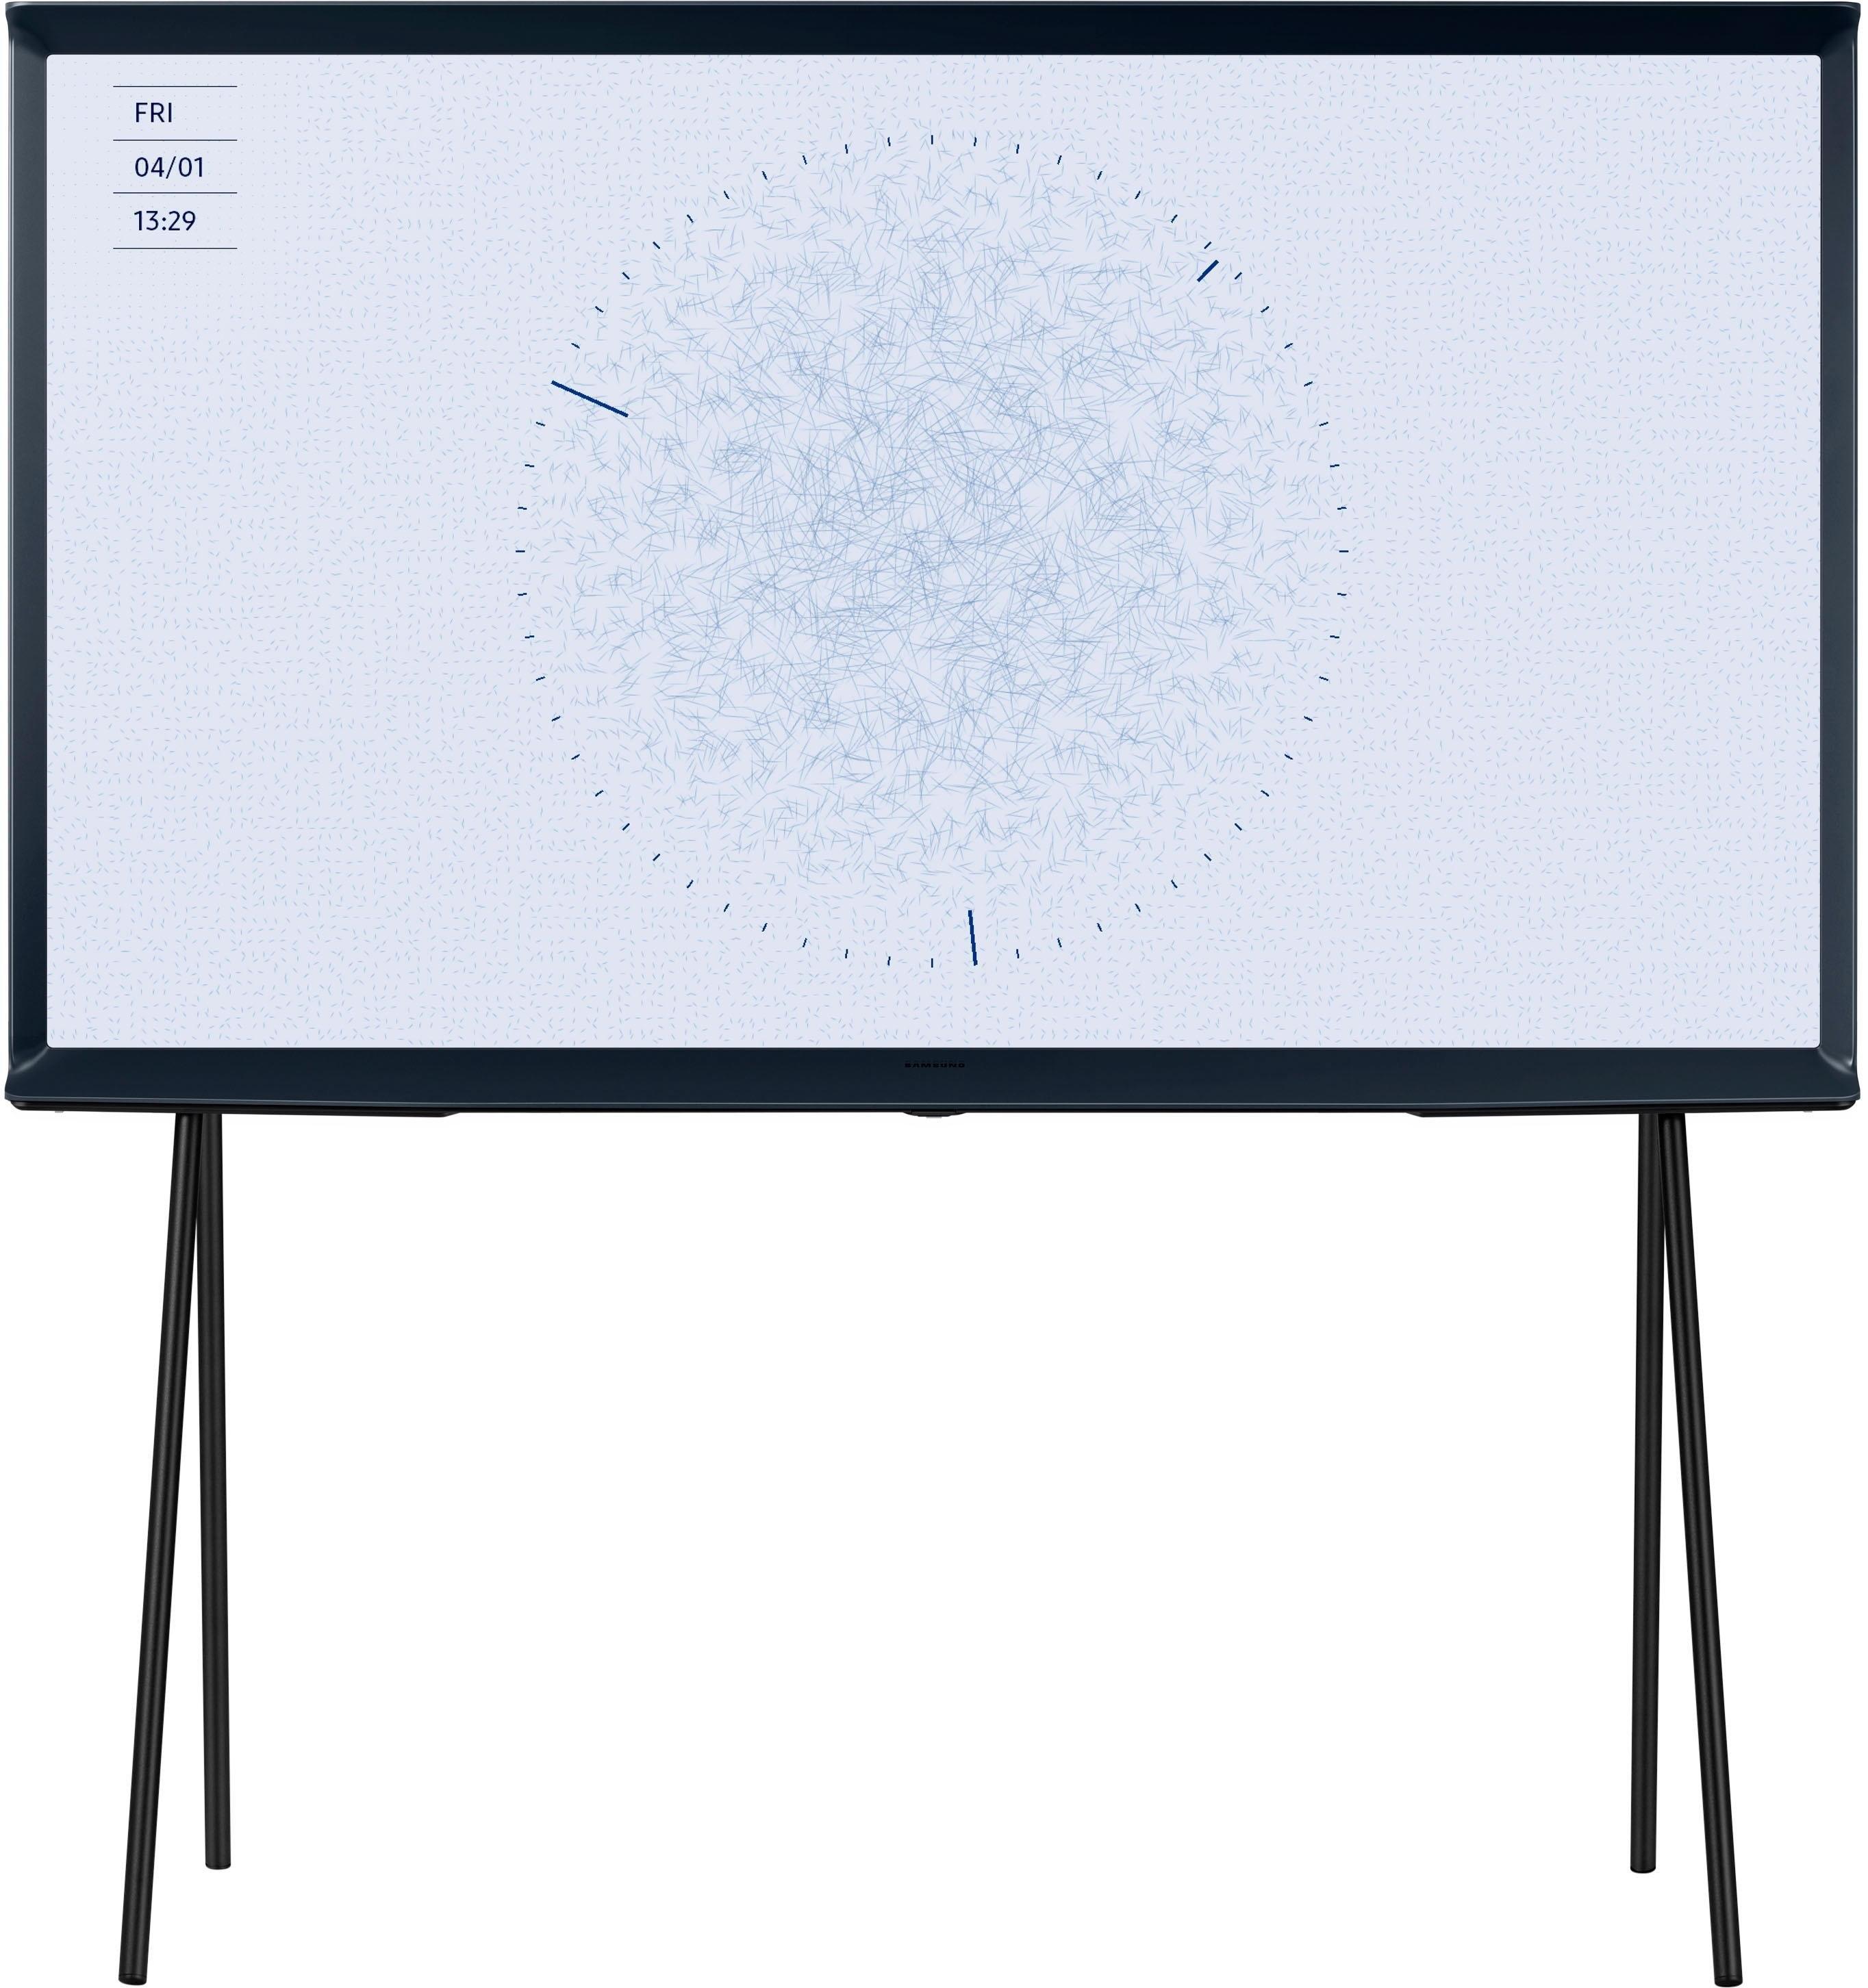 SAMSUNG Serif-TV QE55LS01RB QLED-tv (138 cm / 55 inch), 4K Ultra HD, Smart-TV in de webshop van OTTO kopen